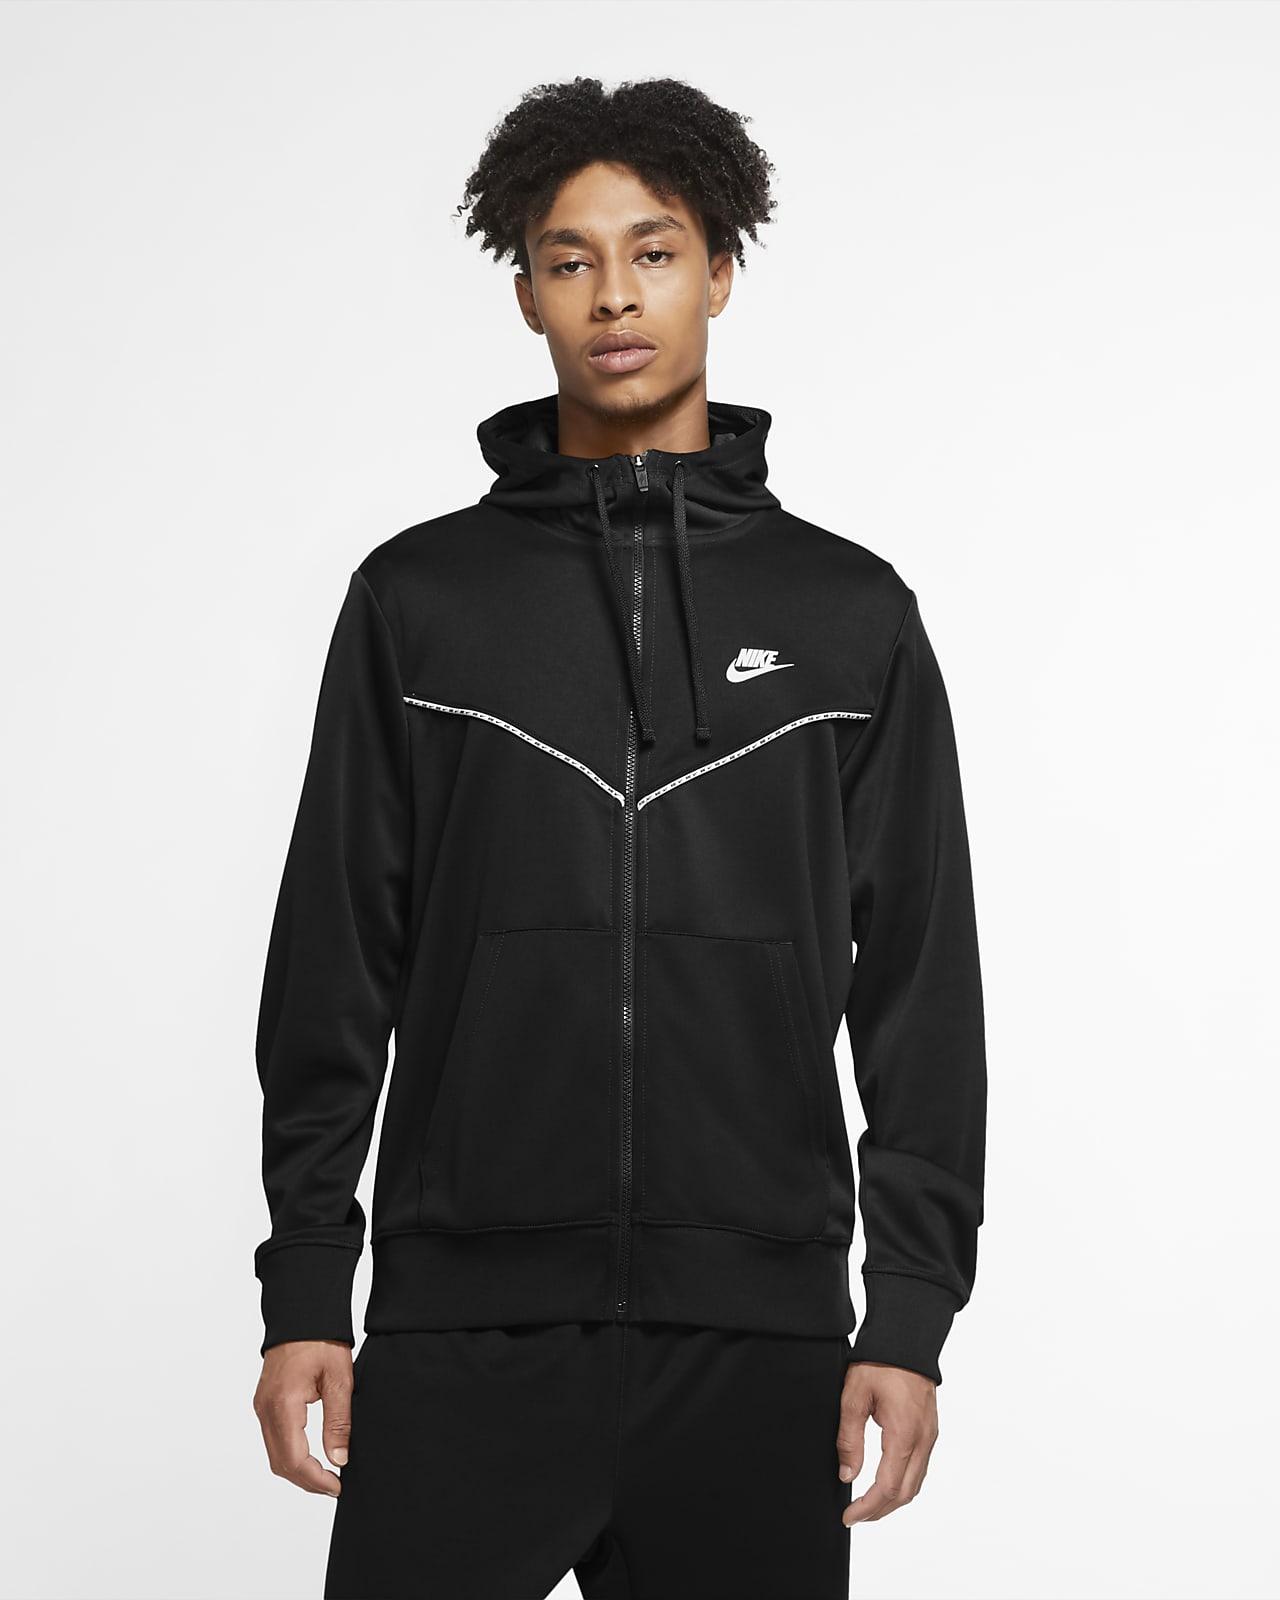 Pánská mikina Nike Sportswear s kapucí a zipem po celé délce